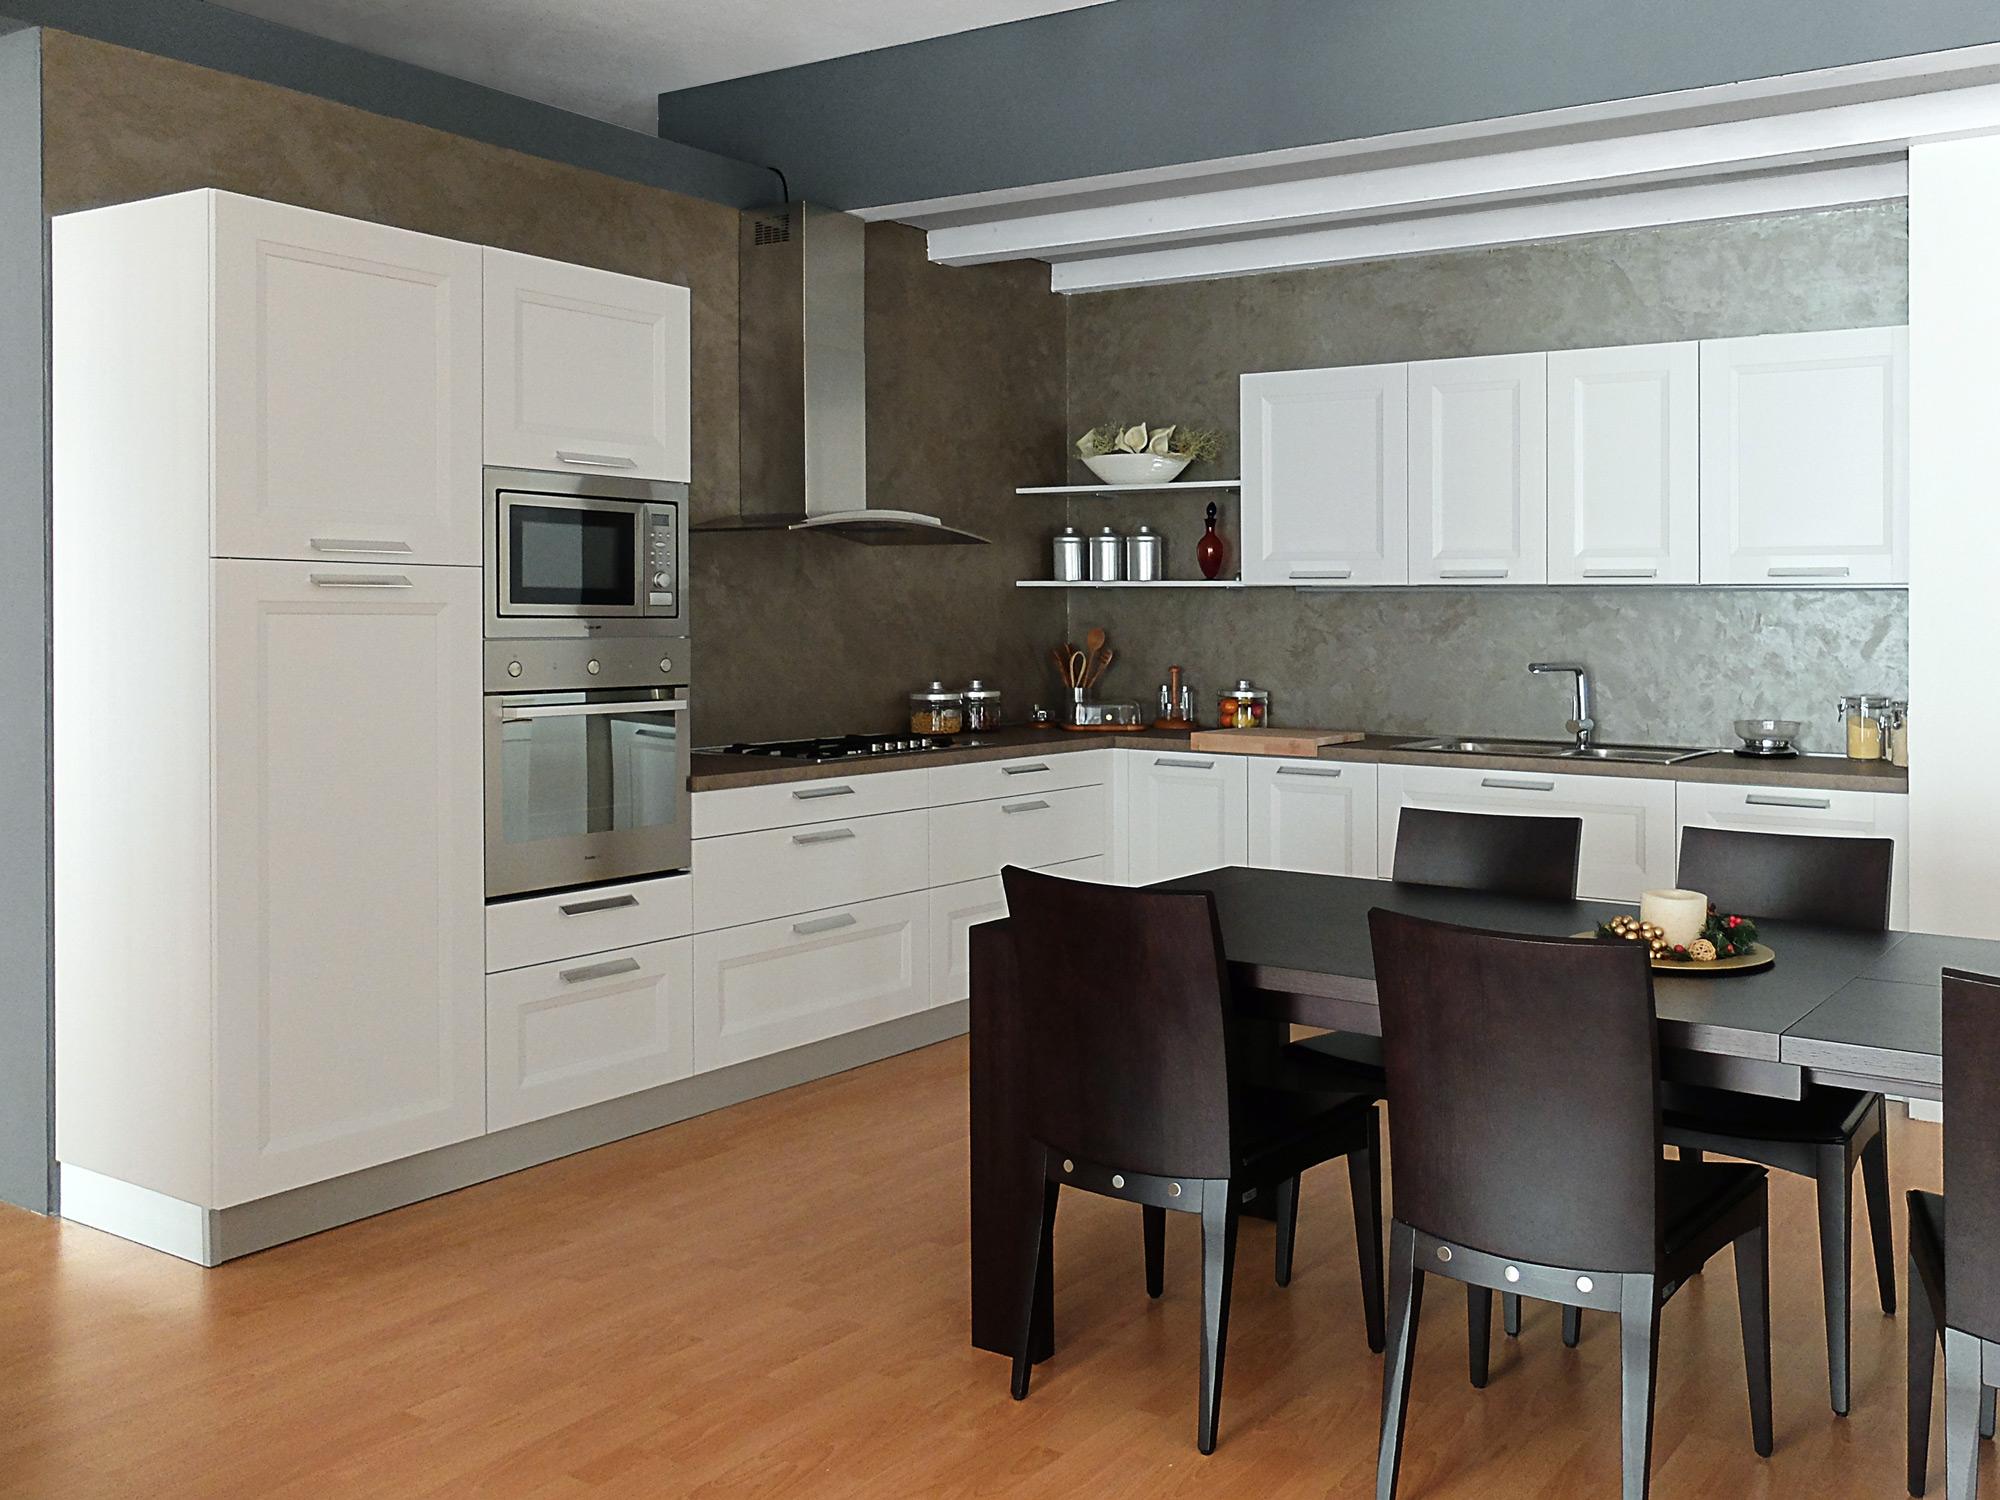 Zecchinon cucina all pine bianca scontata del 50 cucine a prezzi scontati - Cucine zecchinon ...